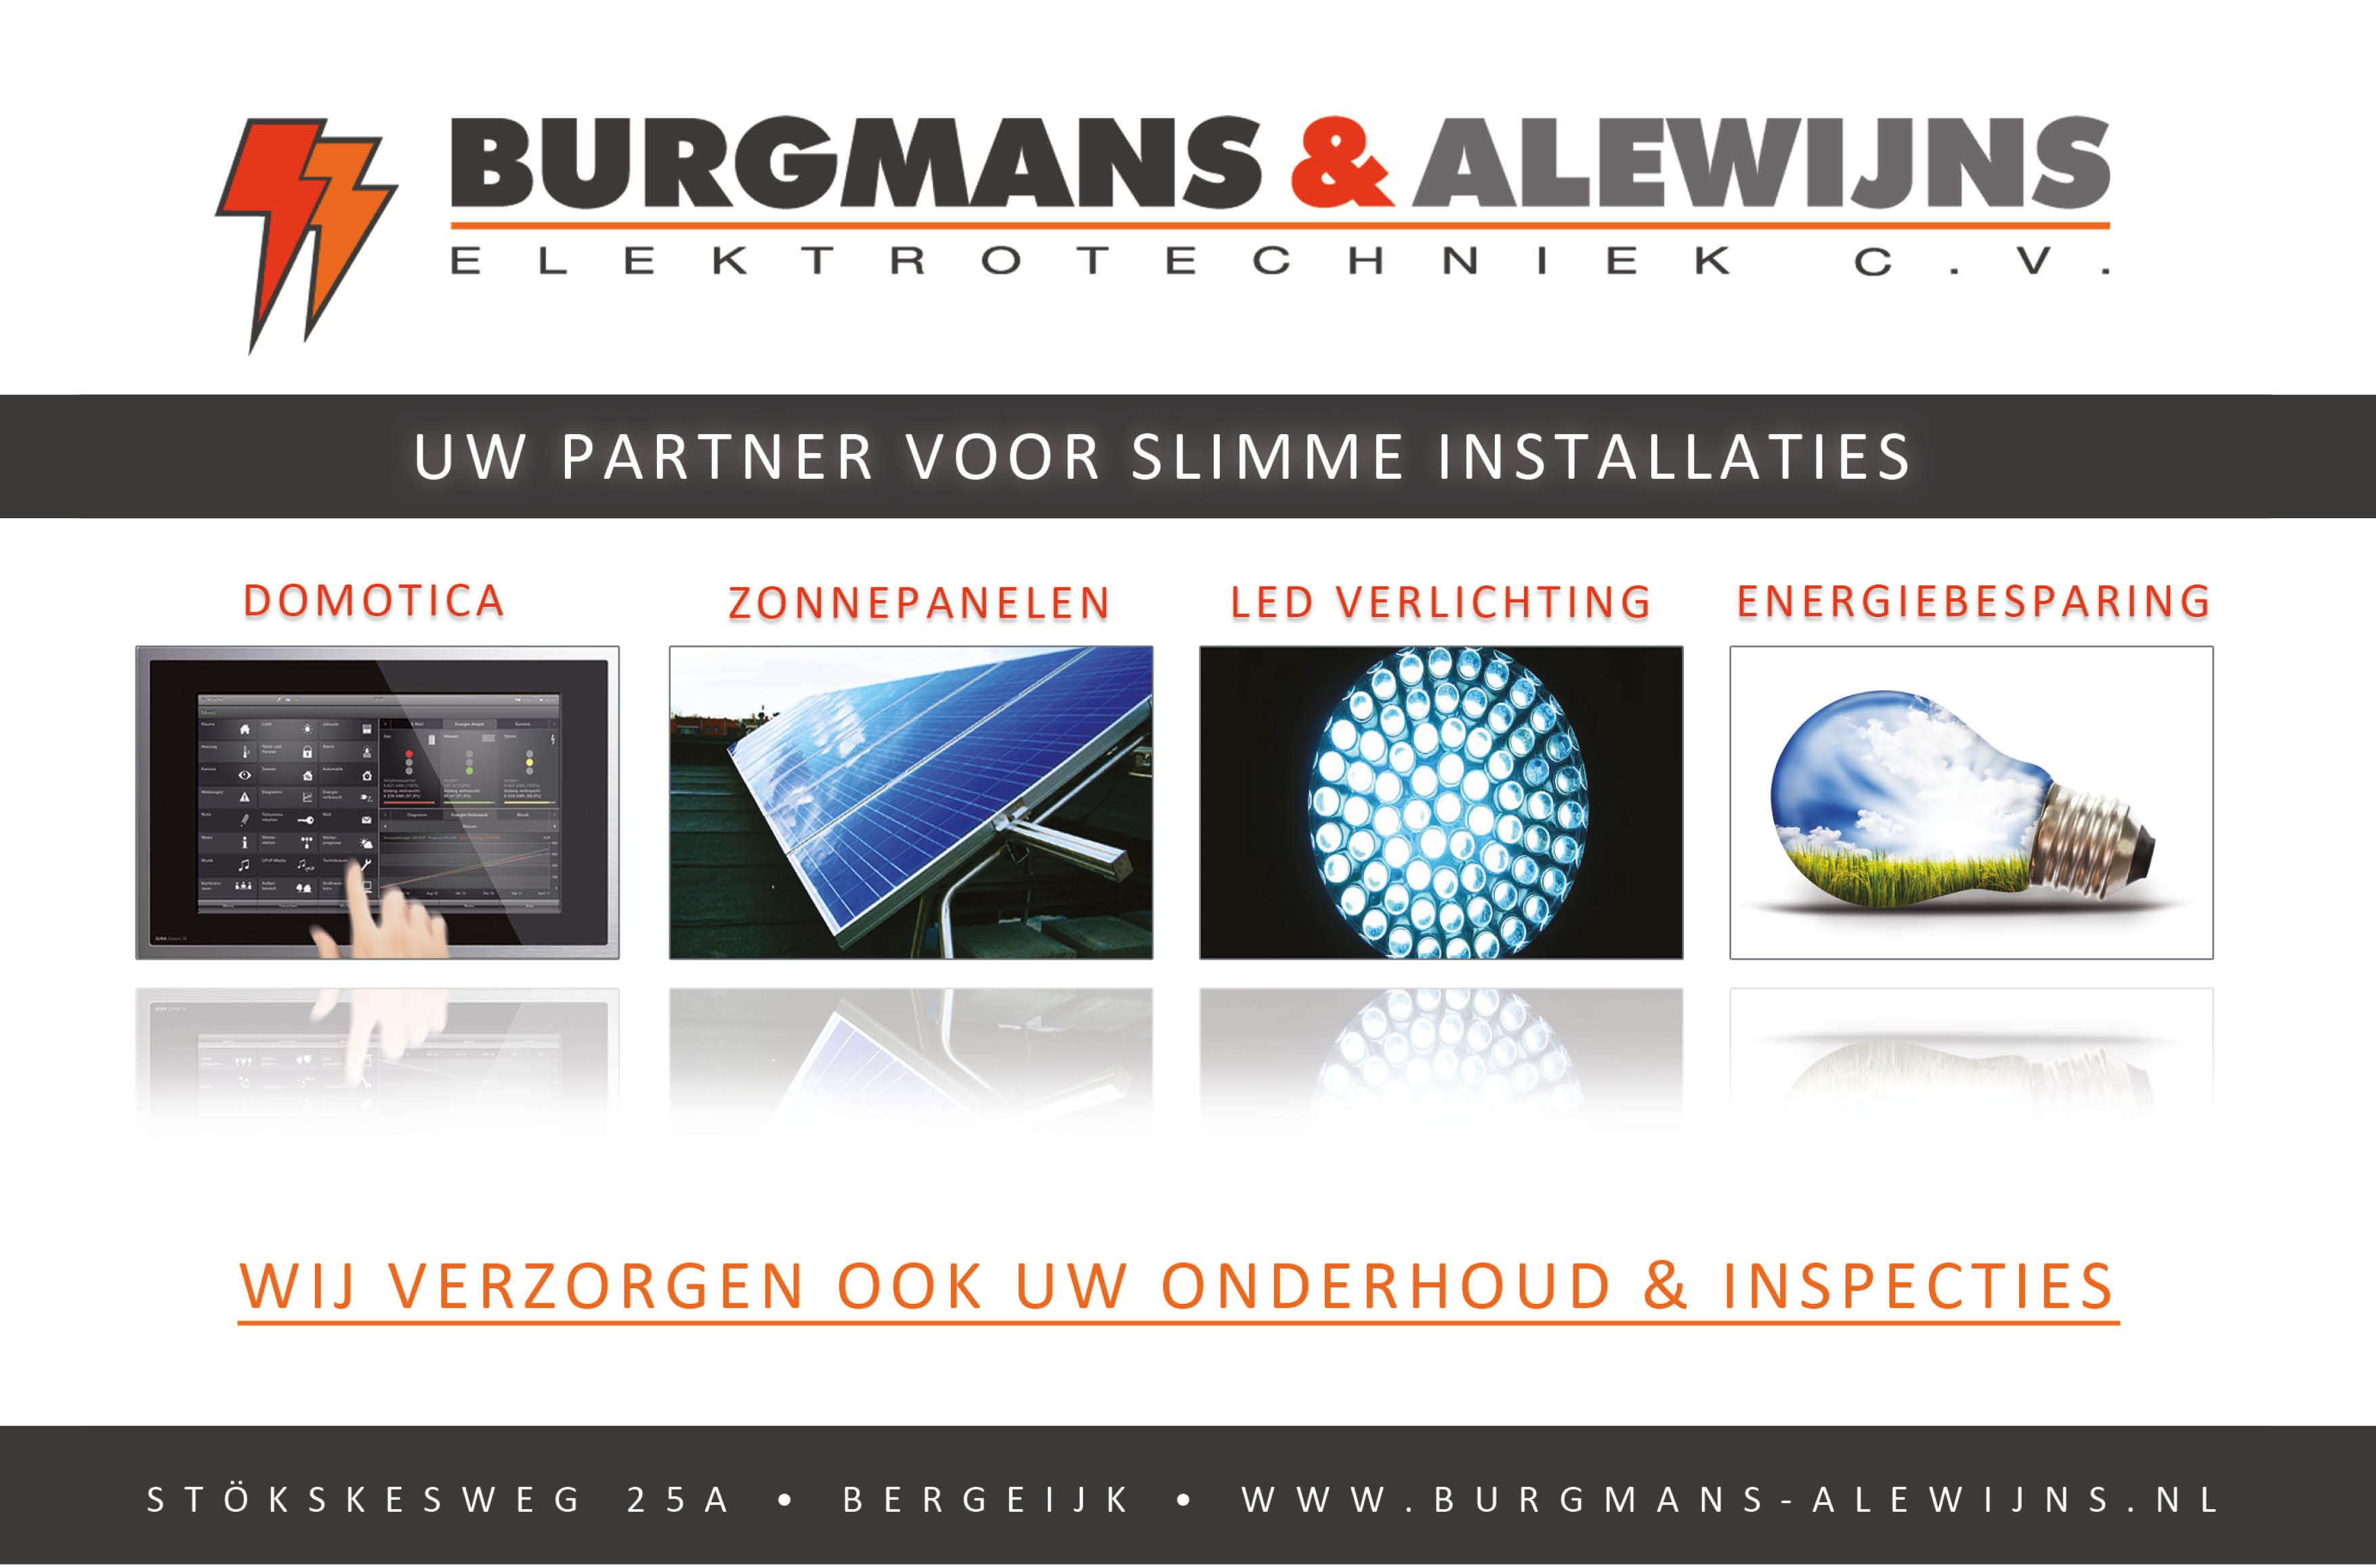 Burgmans & Alewijns